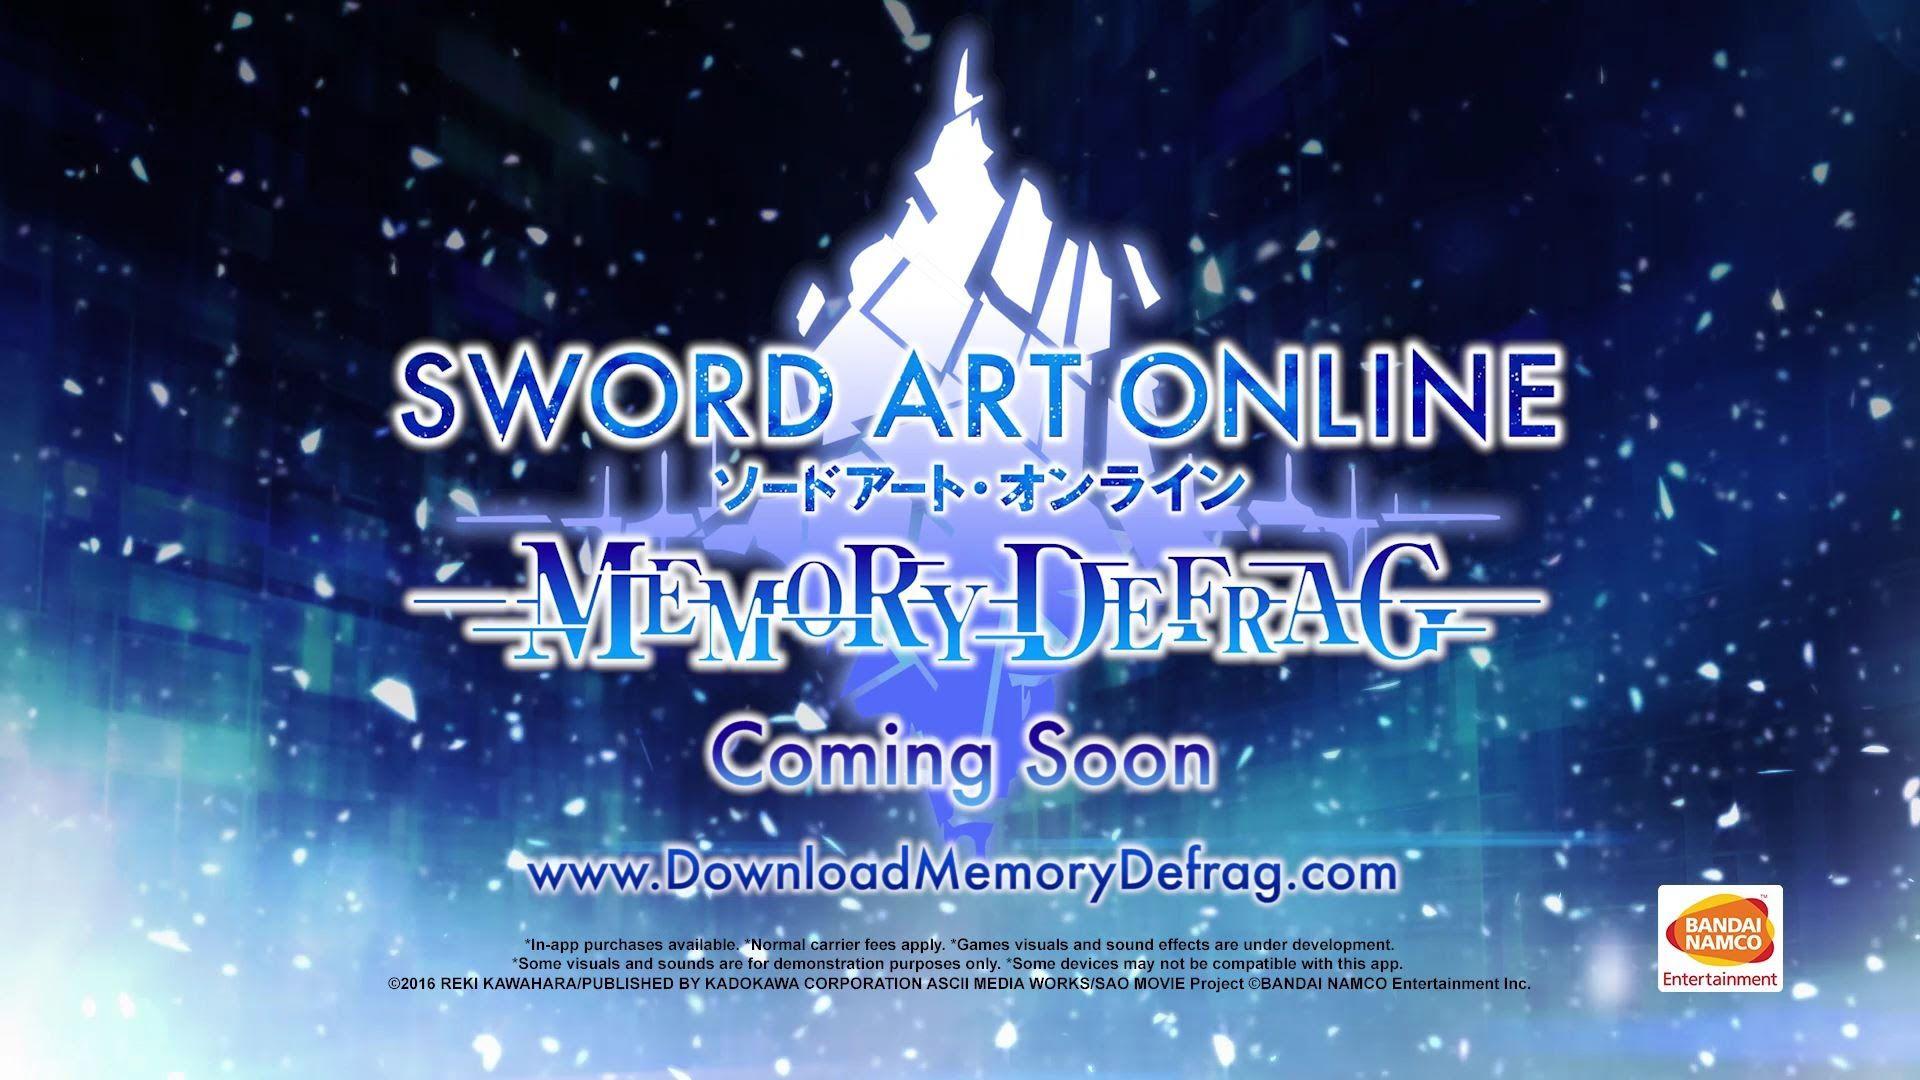 46+ Sword art online memory defrag reddit info